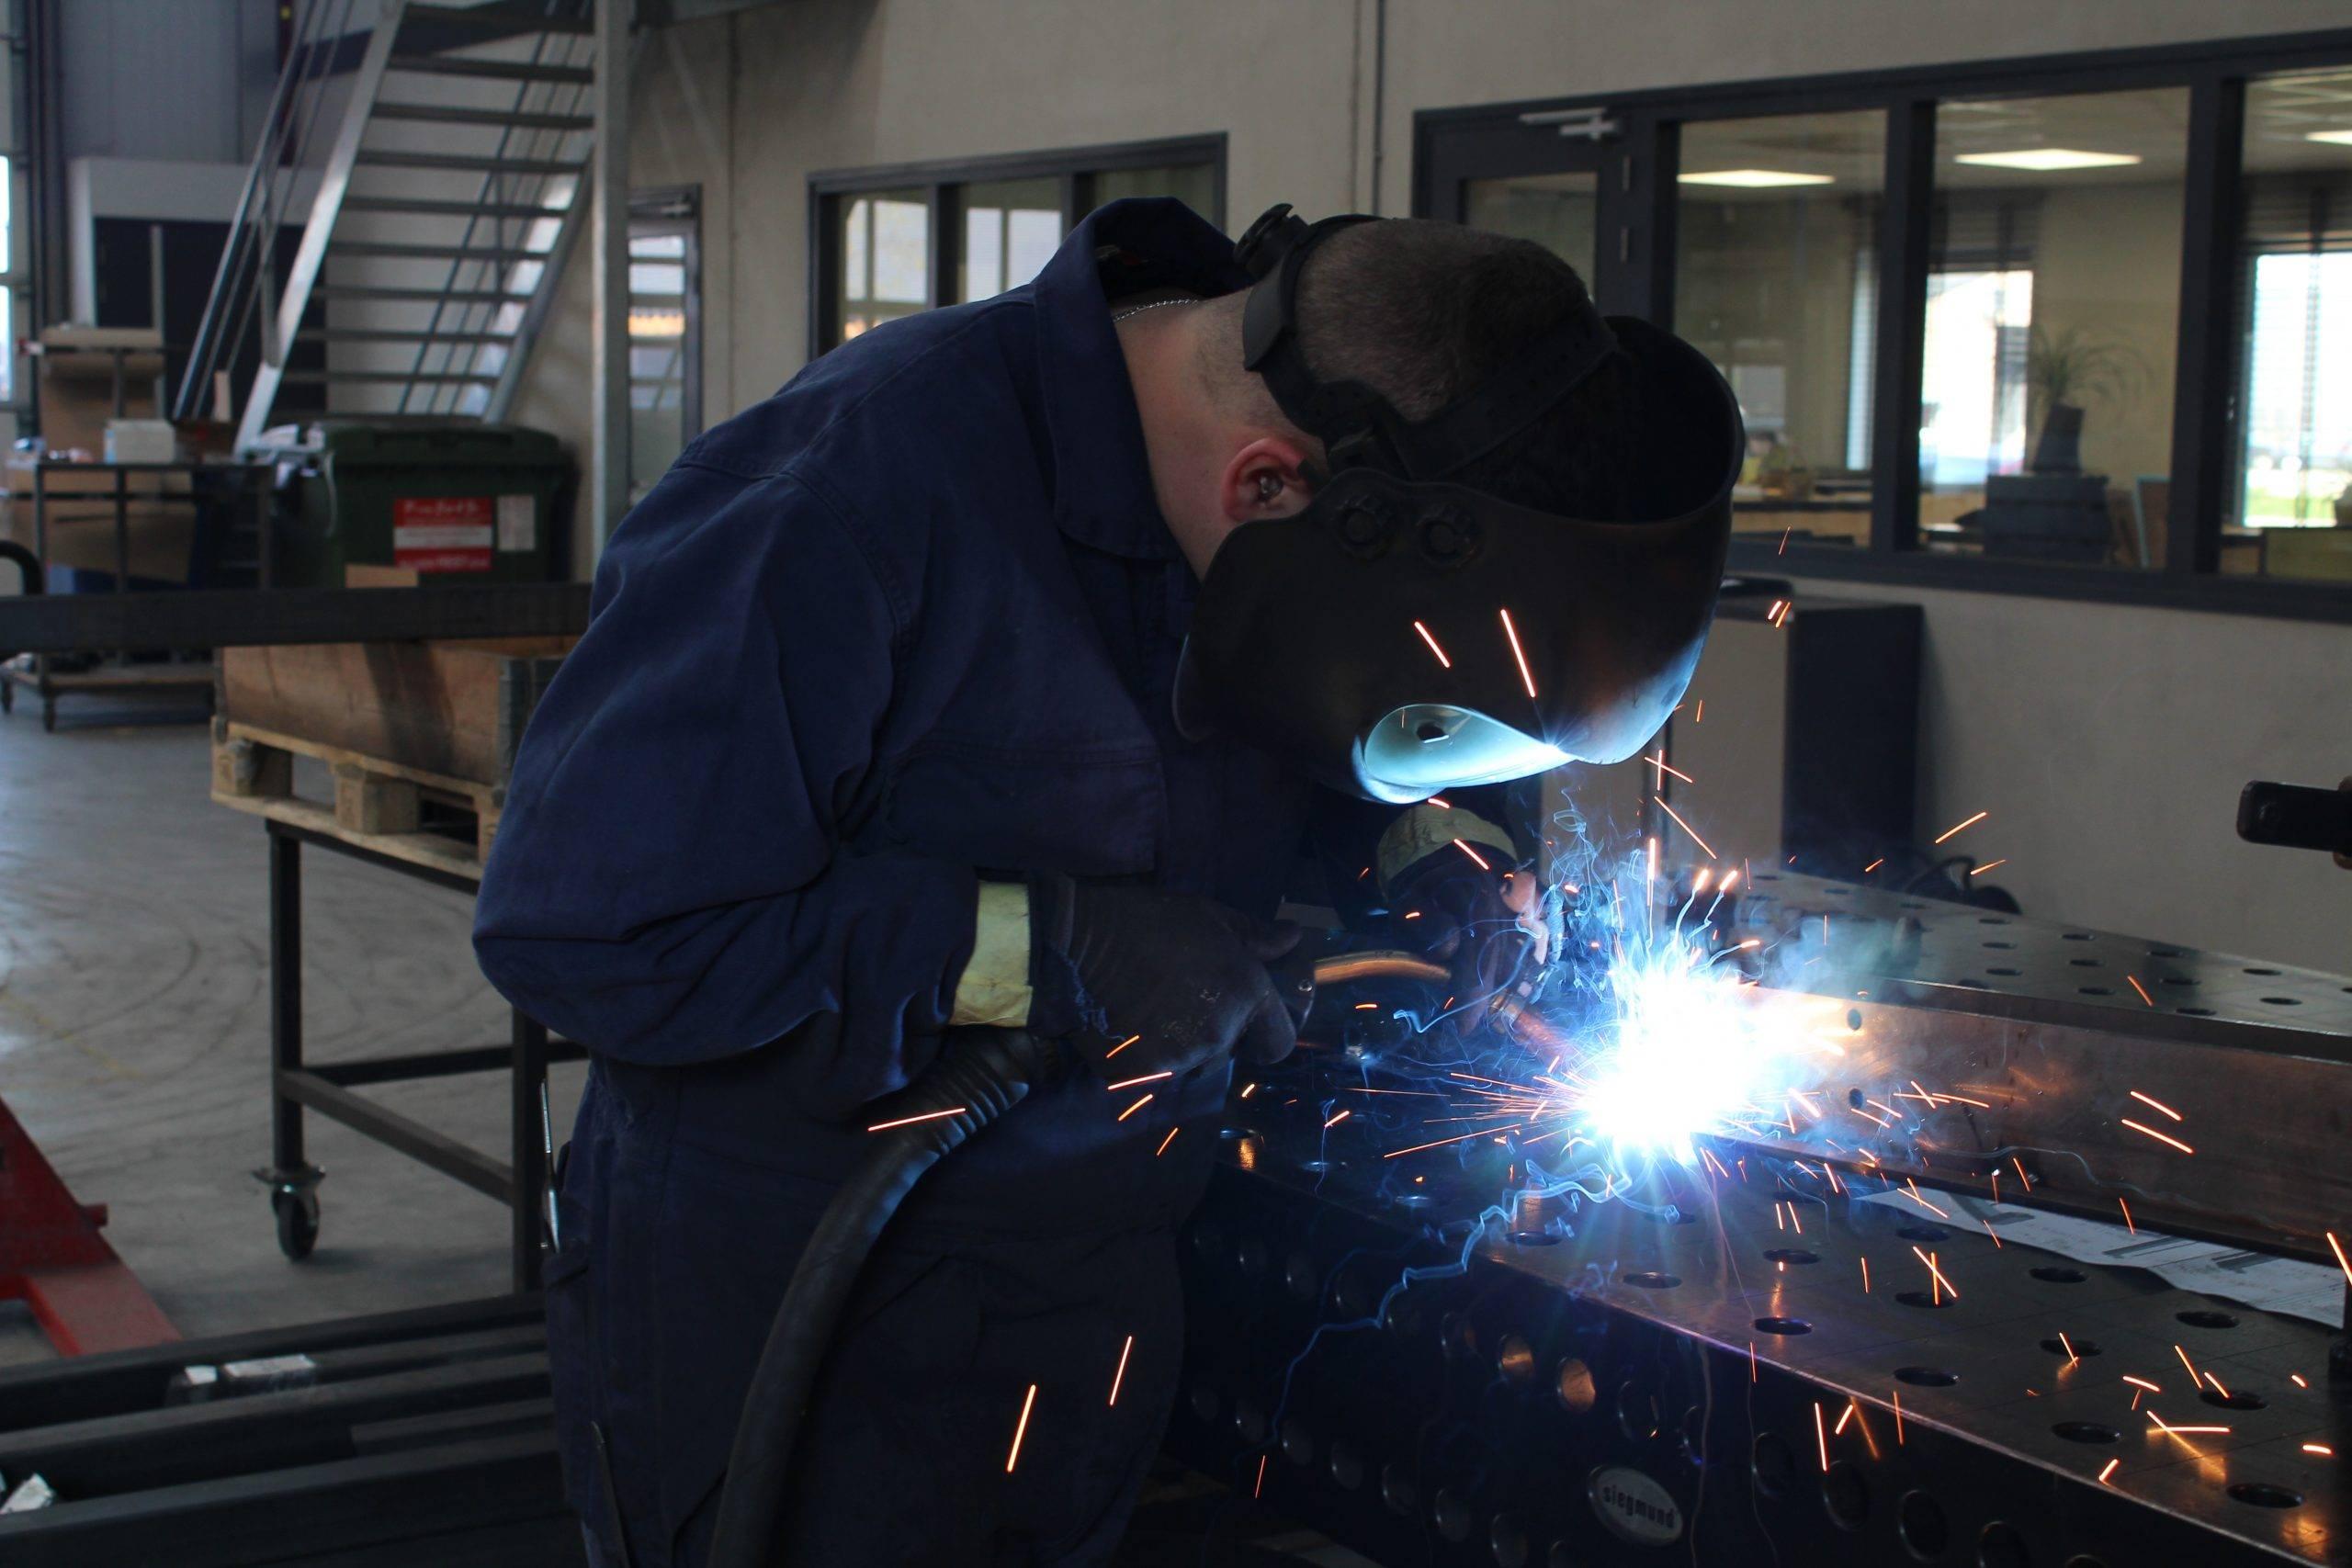 RVS Maatwerk metaalbedrijf Tilburg aluminium lassen